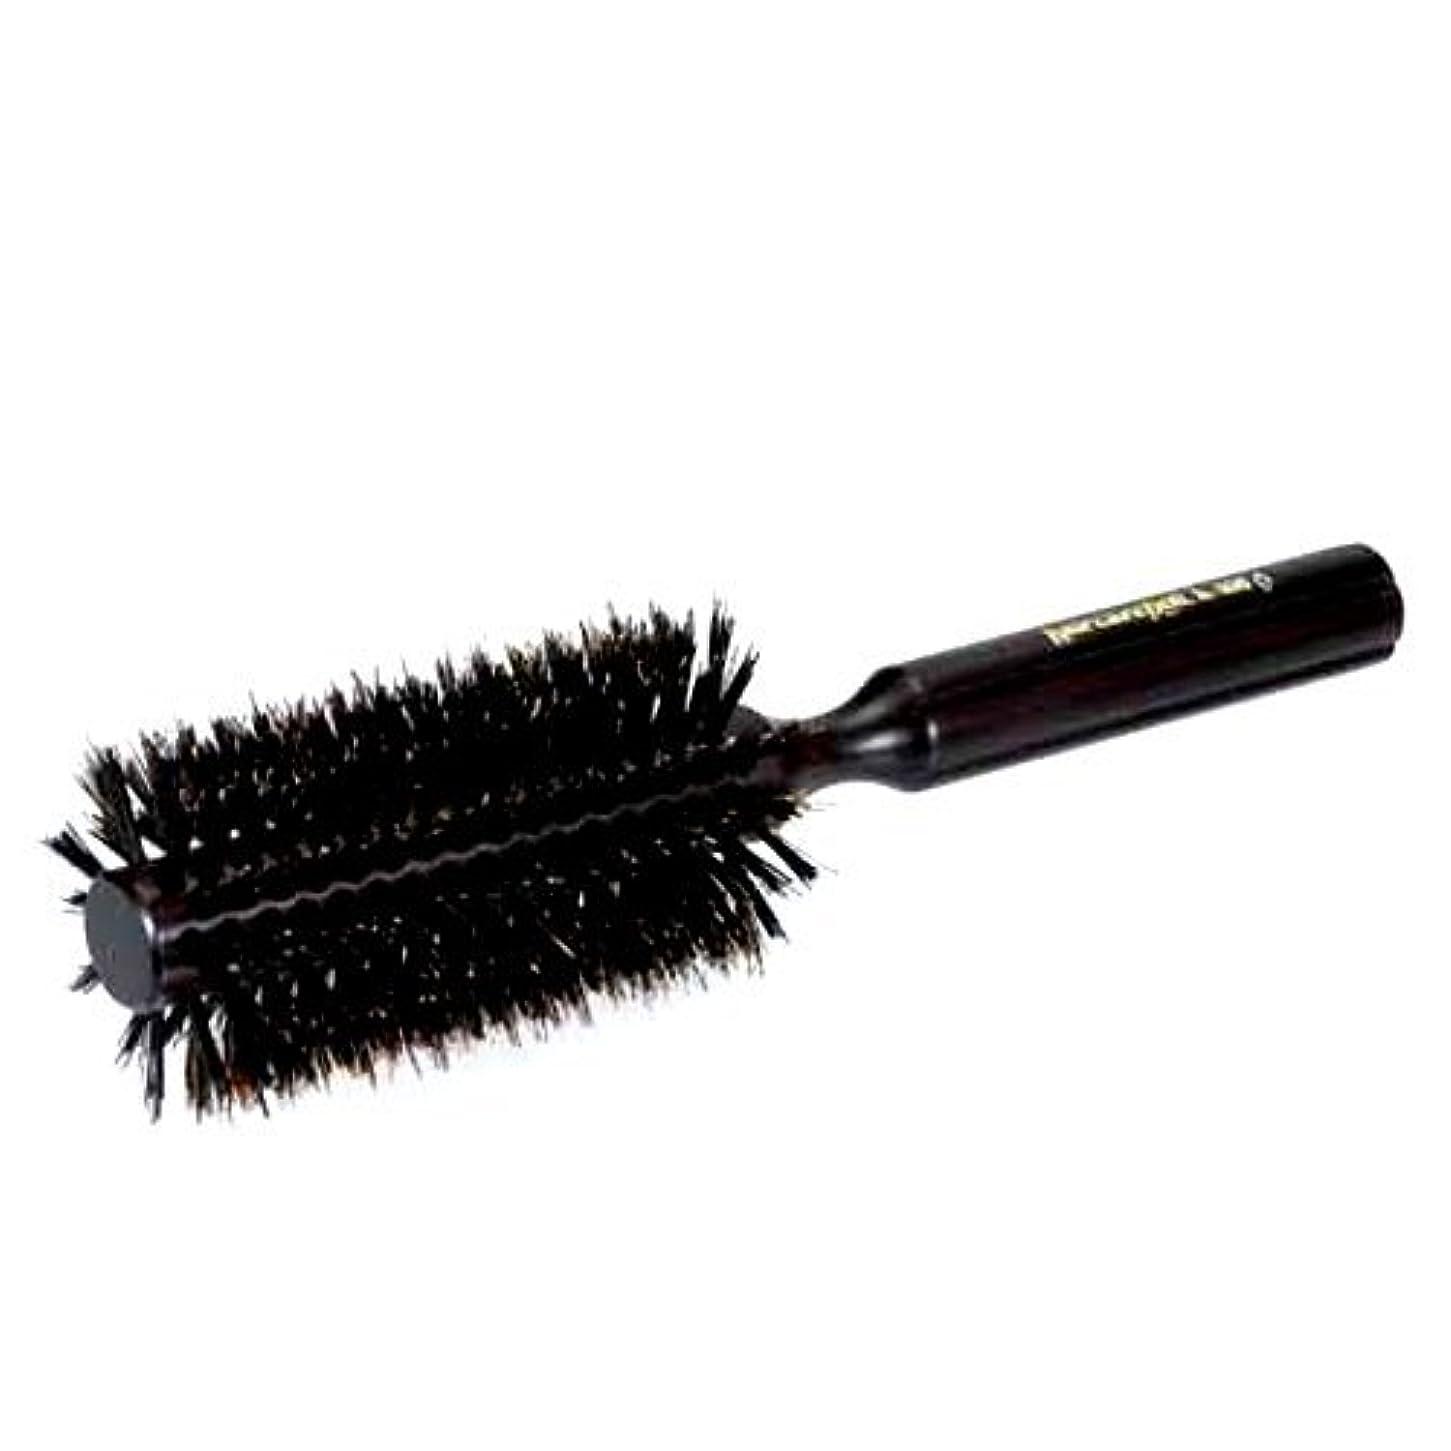 エキゾチック電話をかける相対サイズHongo hair care roll brush K-408 by Hongo